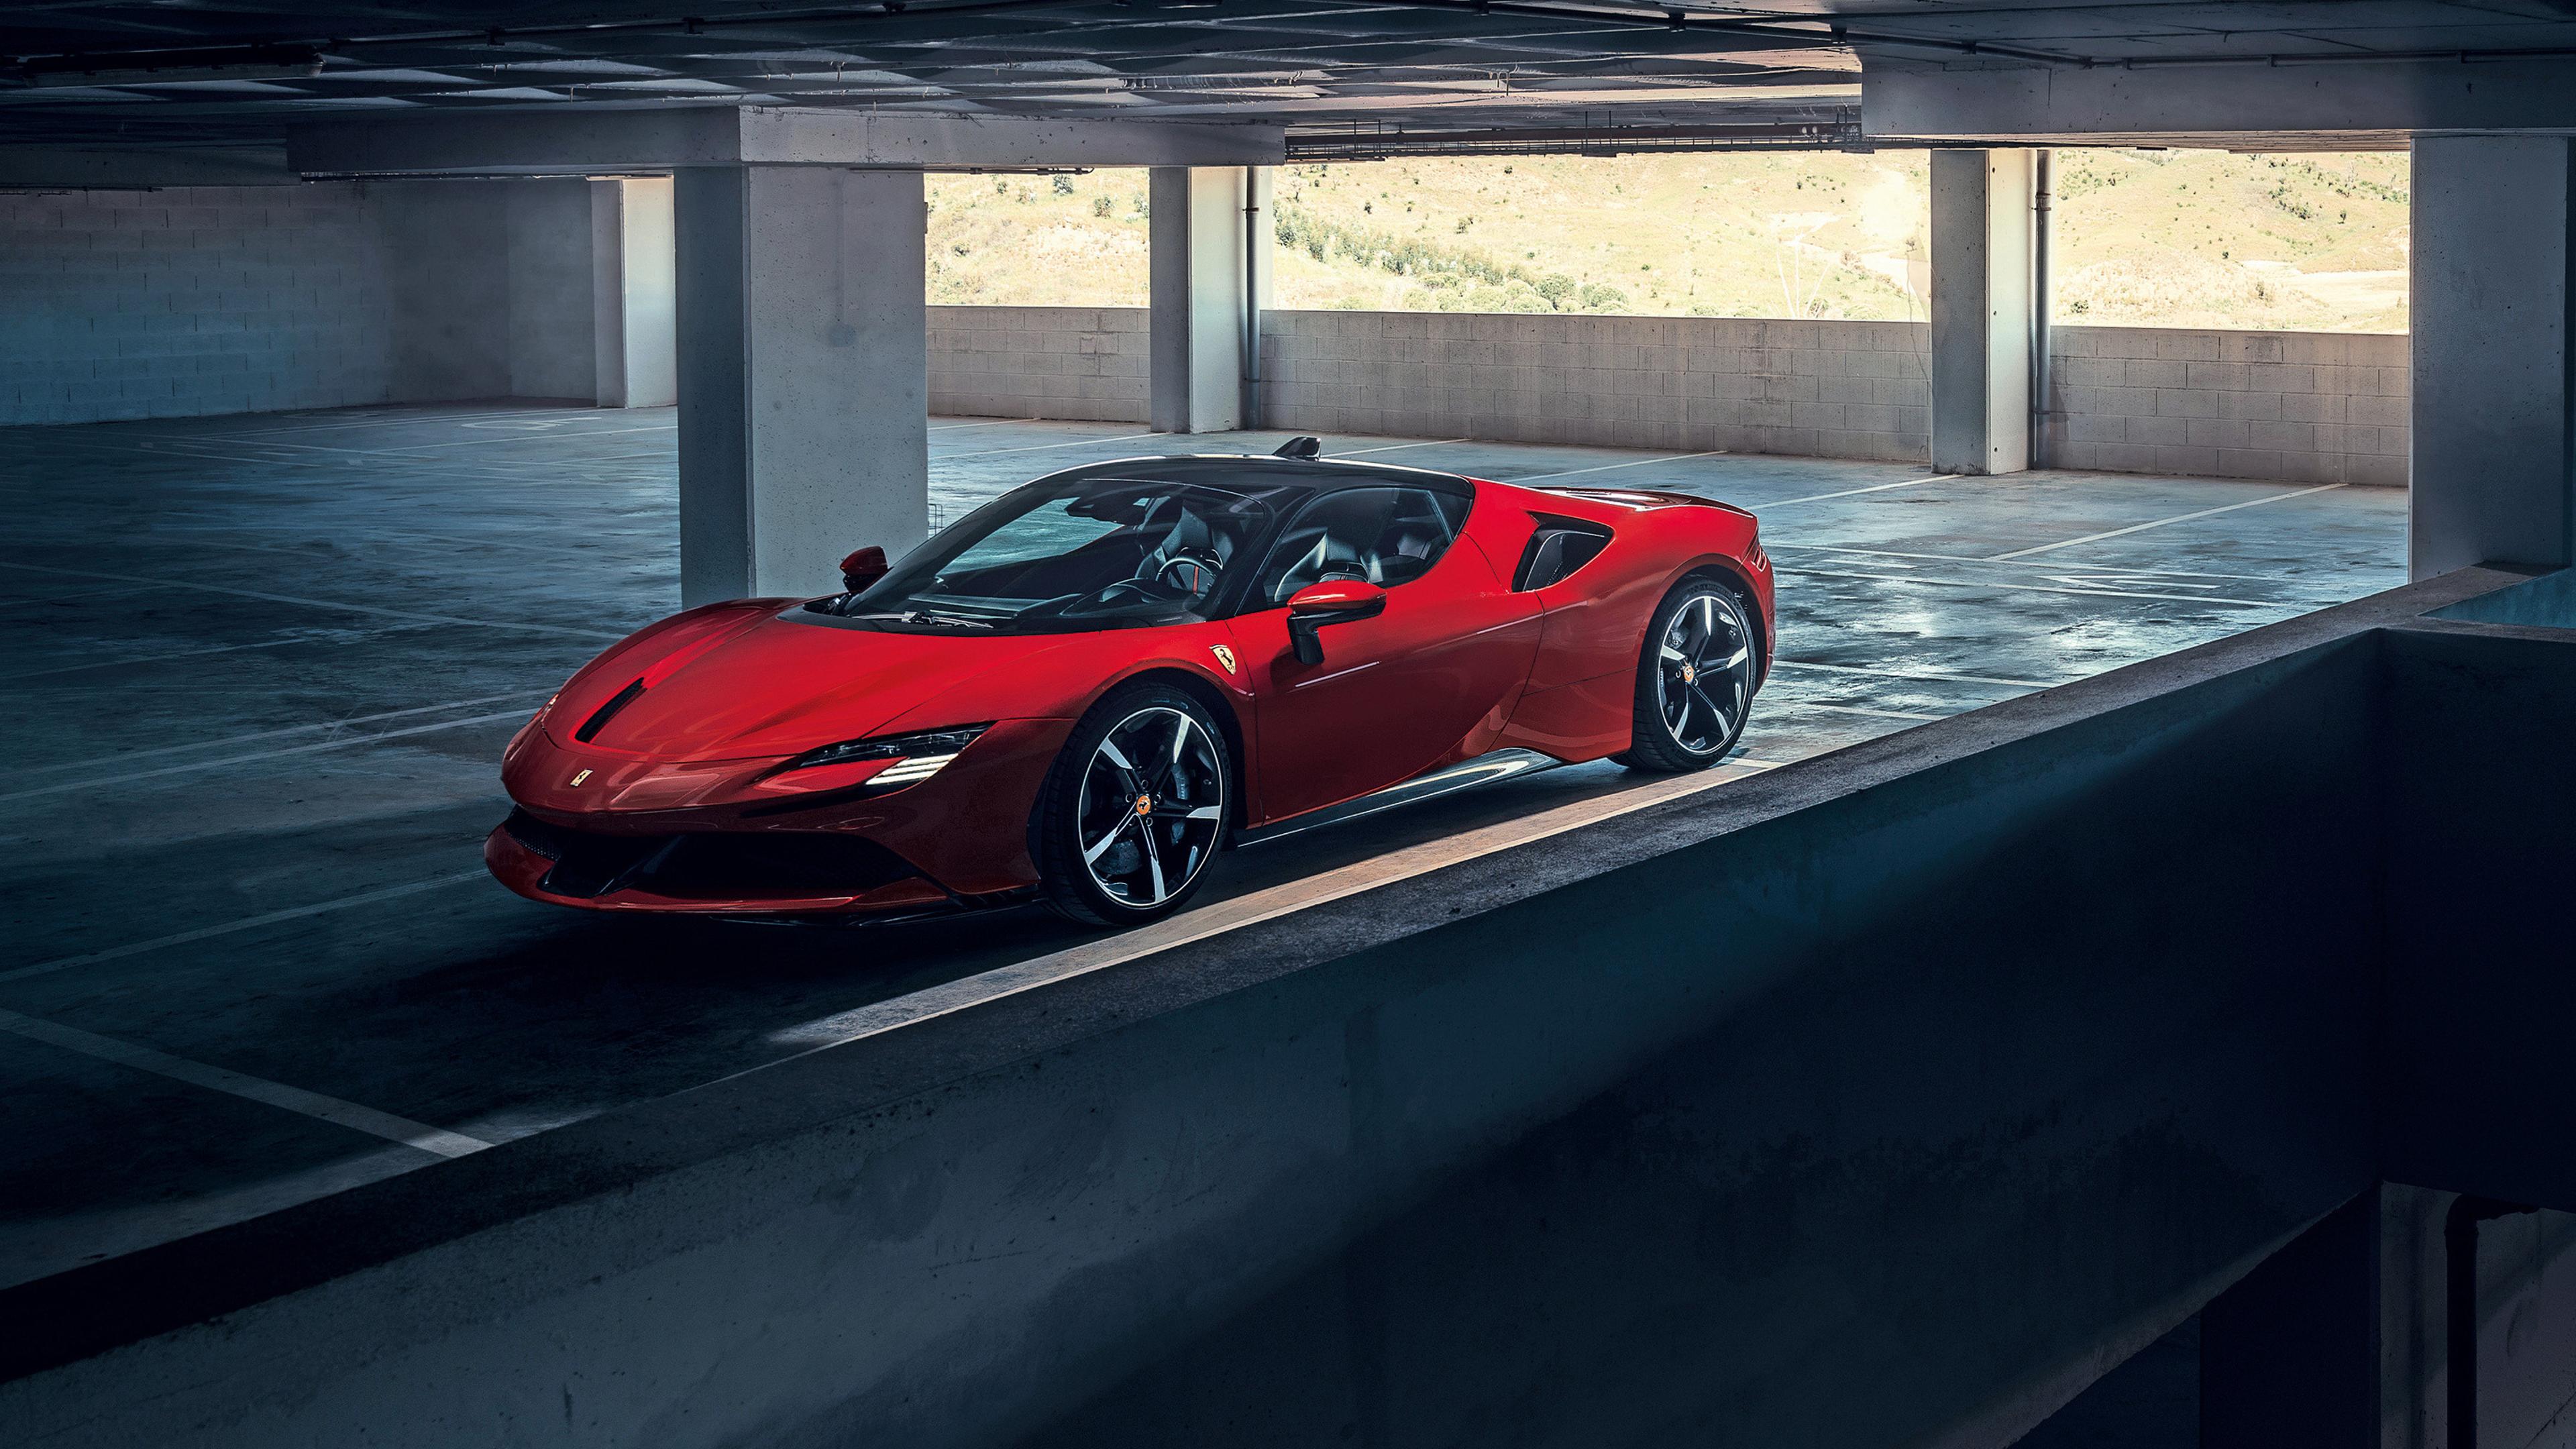 2020 Ferrari Sf90 Stradale Ferrari Tapete 3840x2160 Wallpapertip